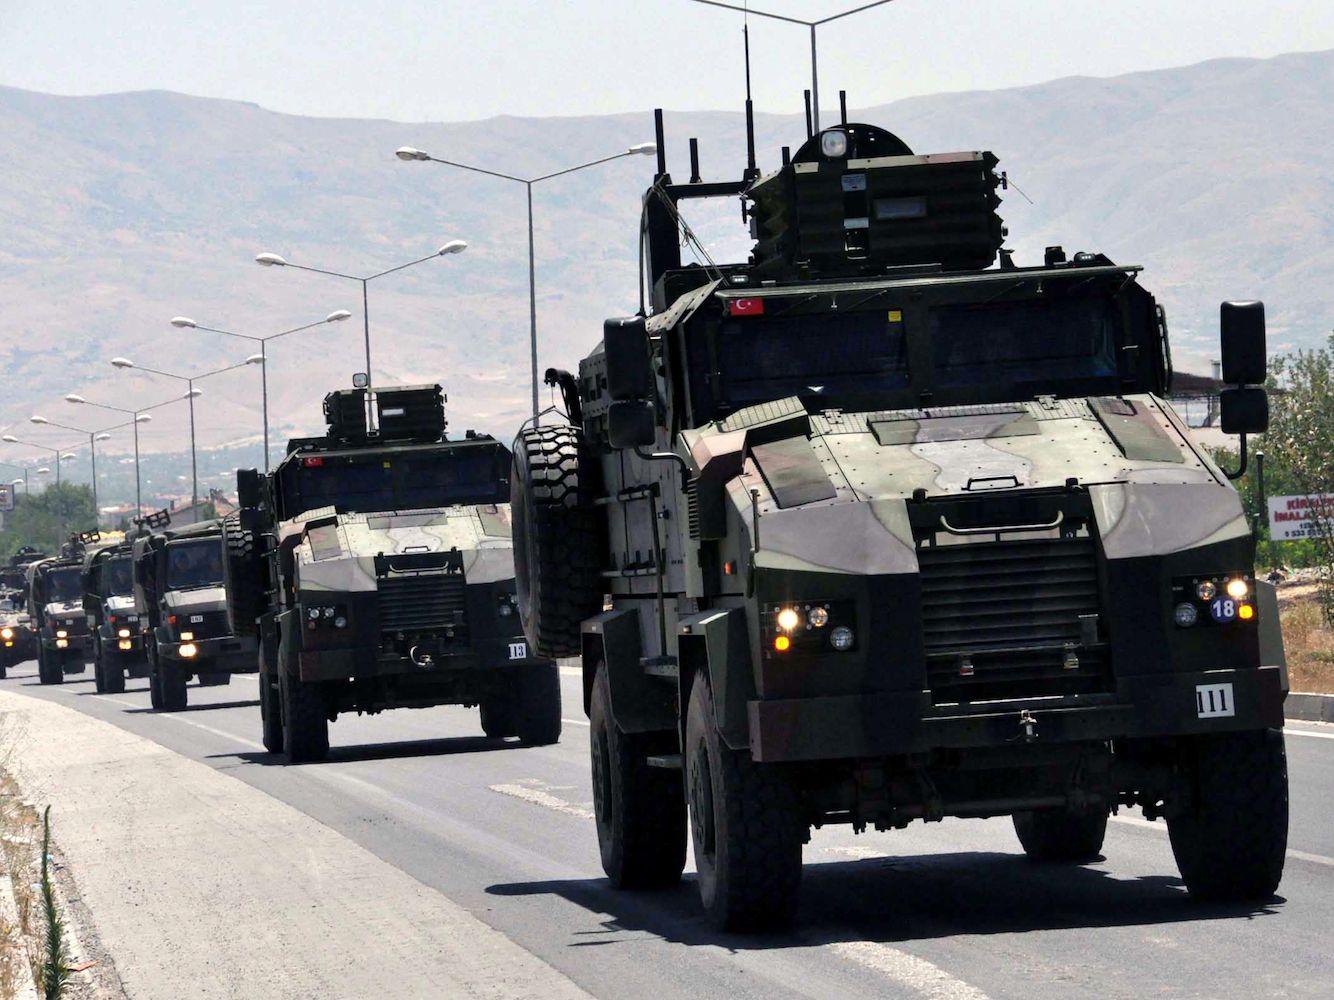 Askeri yığınak artarken PKK'ye yönelik operasyonlar sürüyor